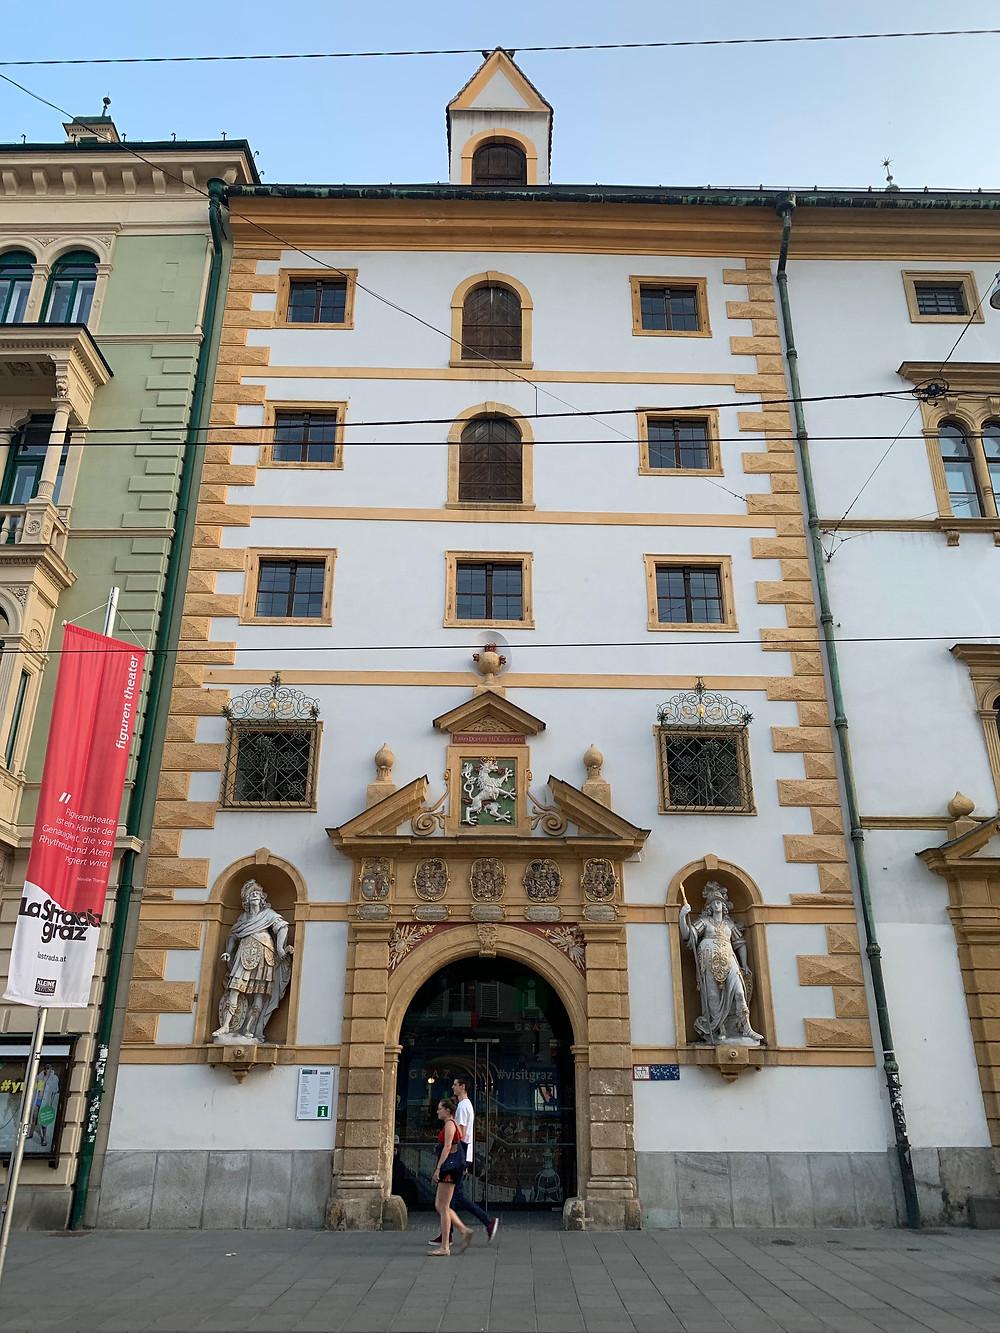 Landeszeughaus in Graz, Austria